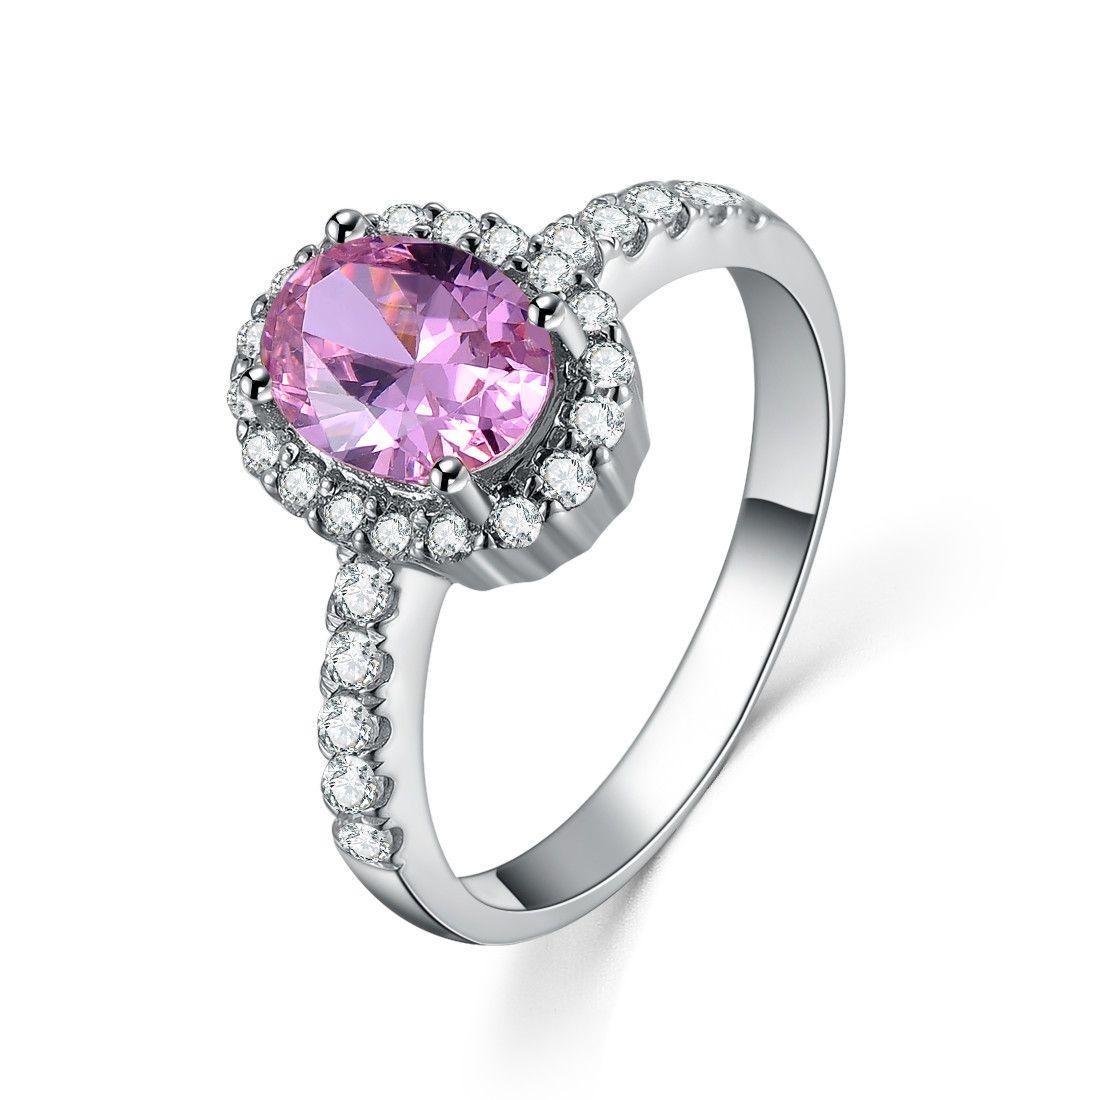 멋진 2Ct 핑크 타원형 컷 합성 다이아몬드 웨딩 여성 반지 고체 925 스털링 실버 Annivesary 선물 화려한 영원히 보석